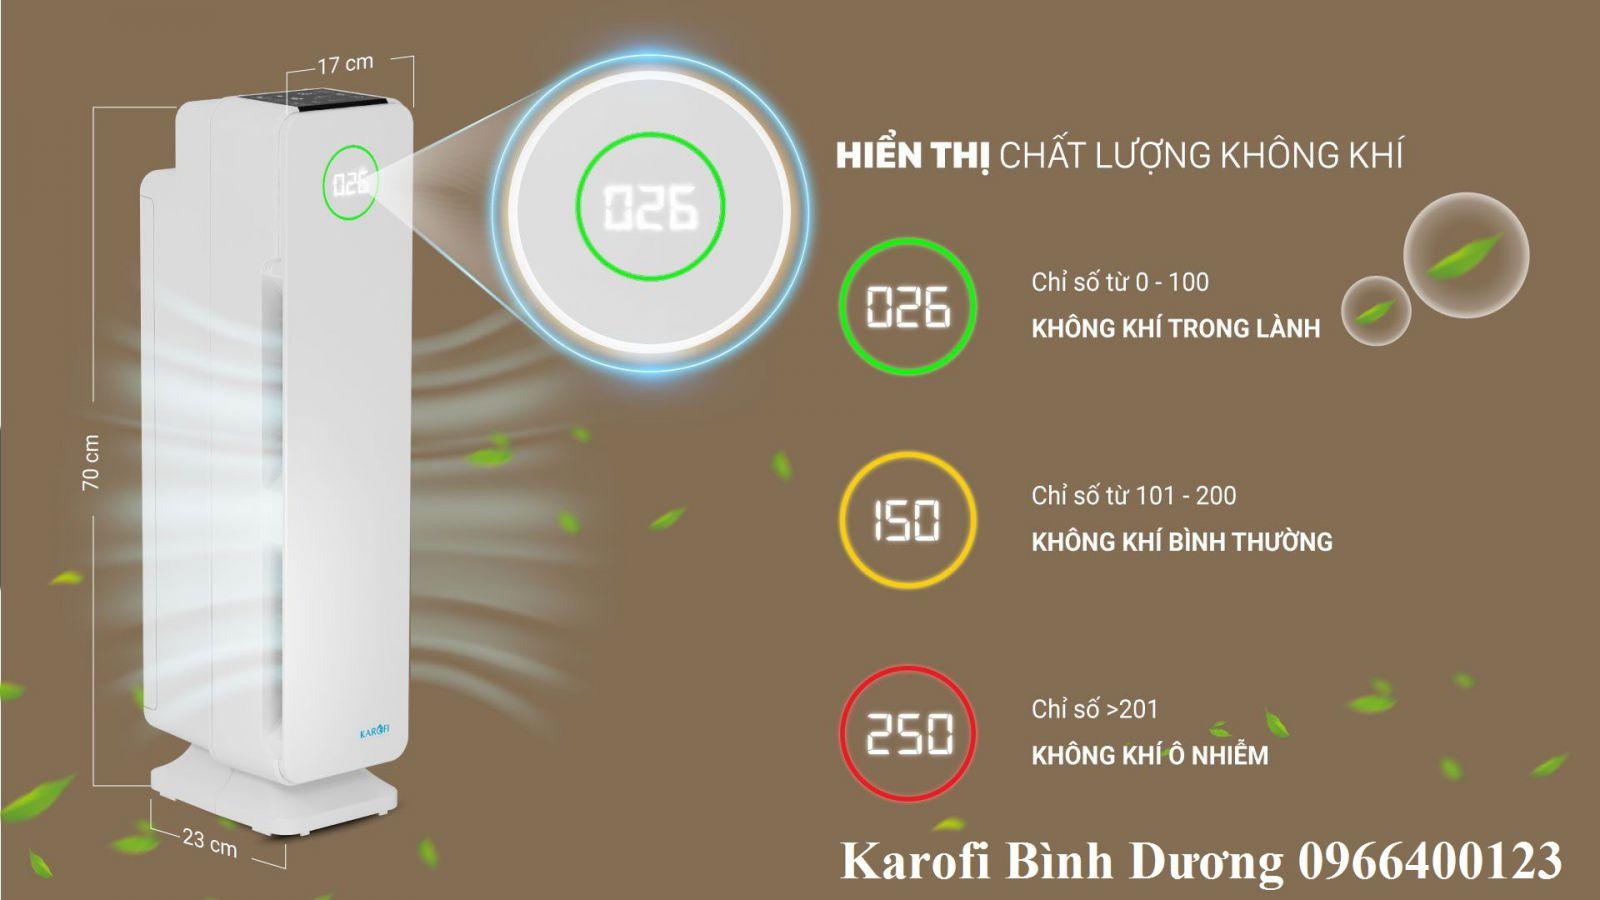 Tiện lợi của máy lọc không khí karofi